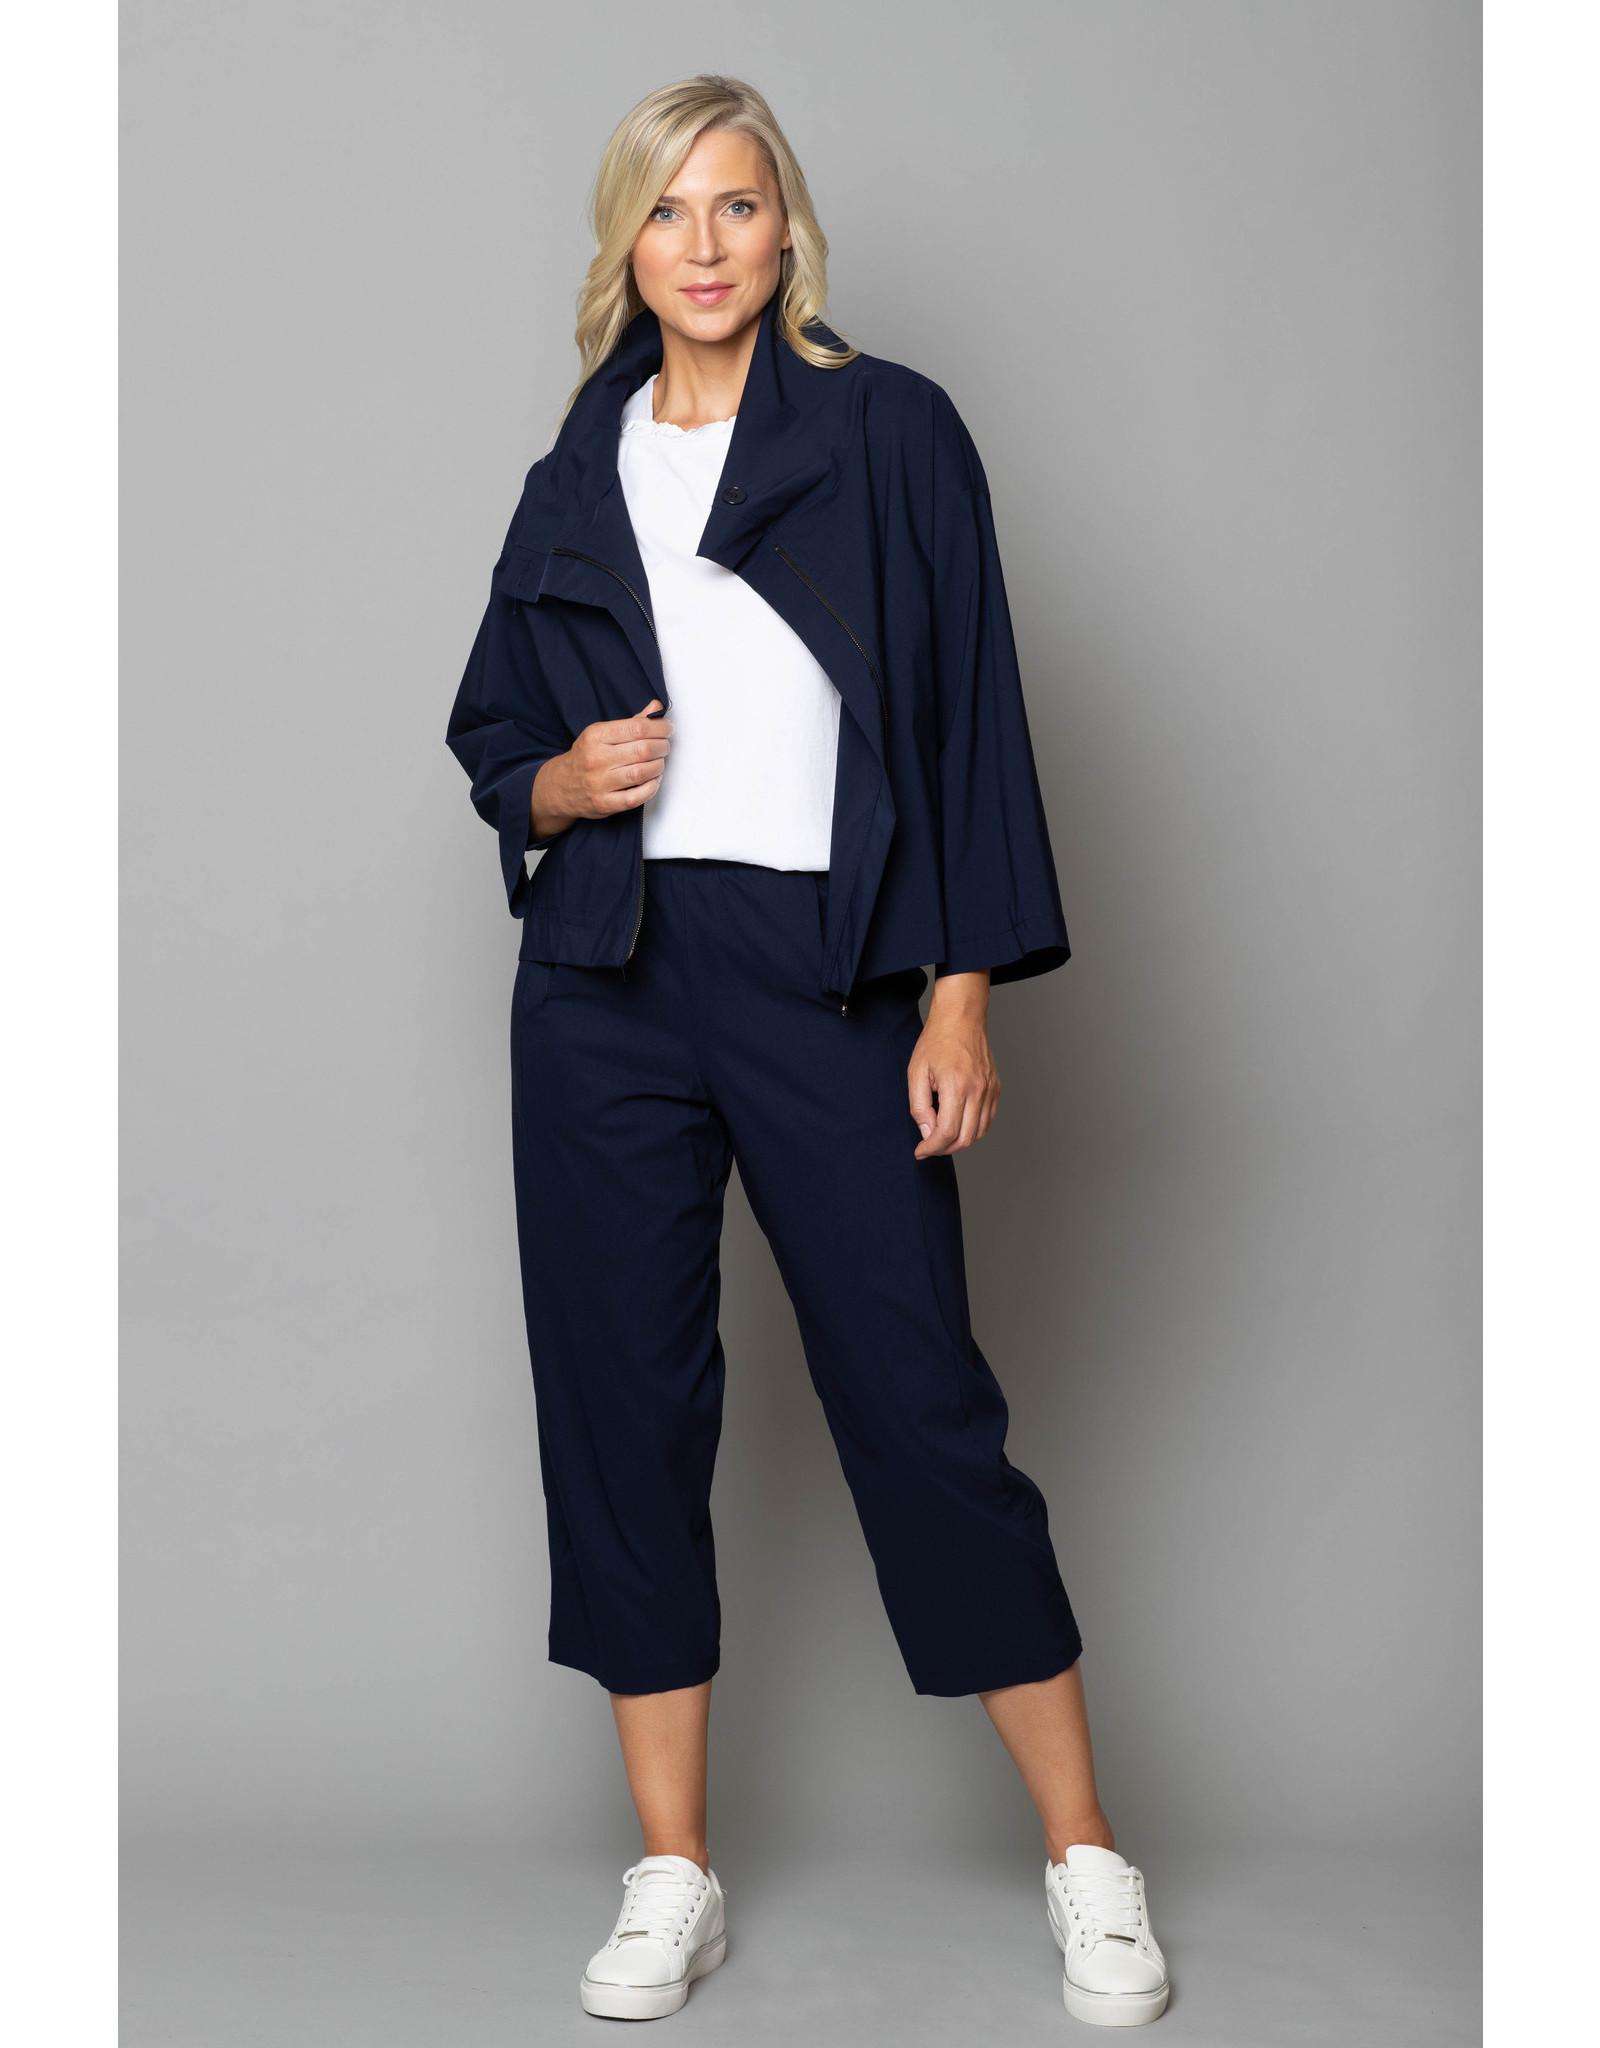 Peruzzi Peruzzi - Culotte Style Trousers in Technical Fabric